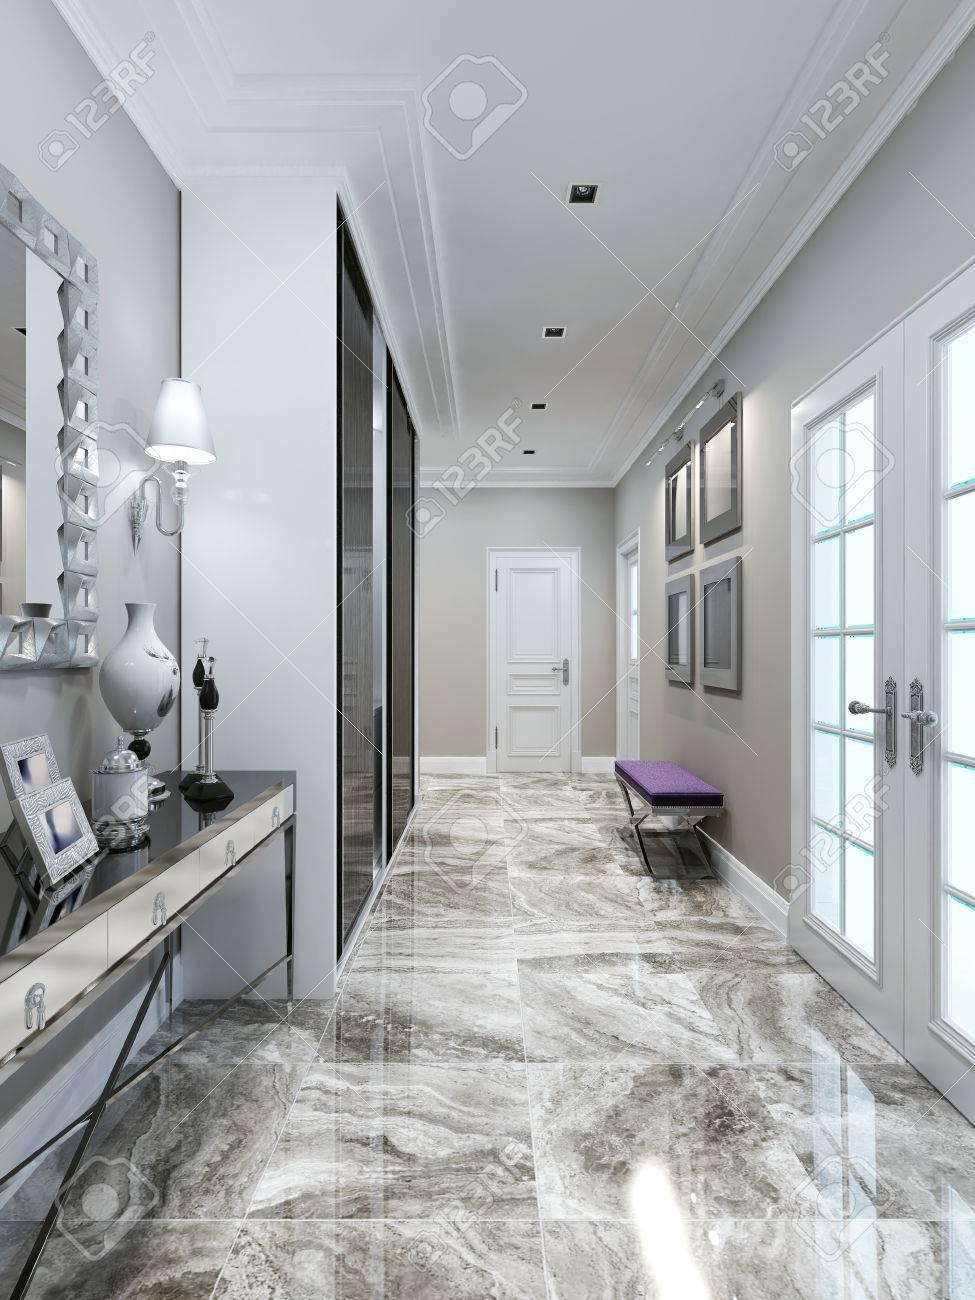 Art deco entrance hall design. 3d render